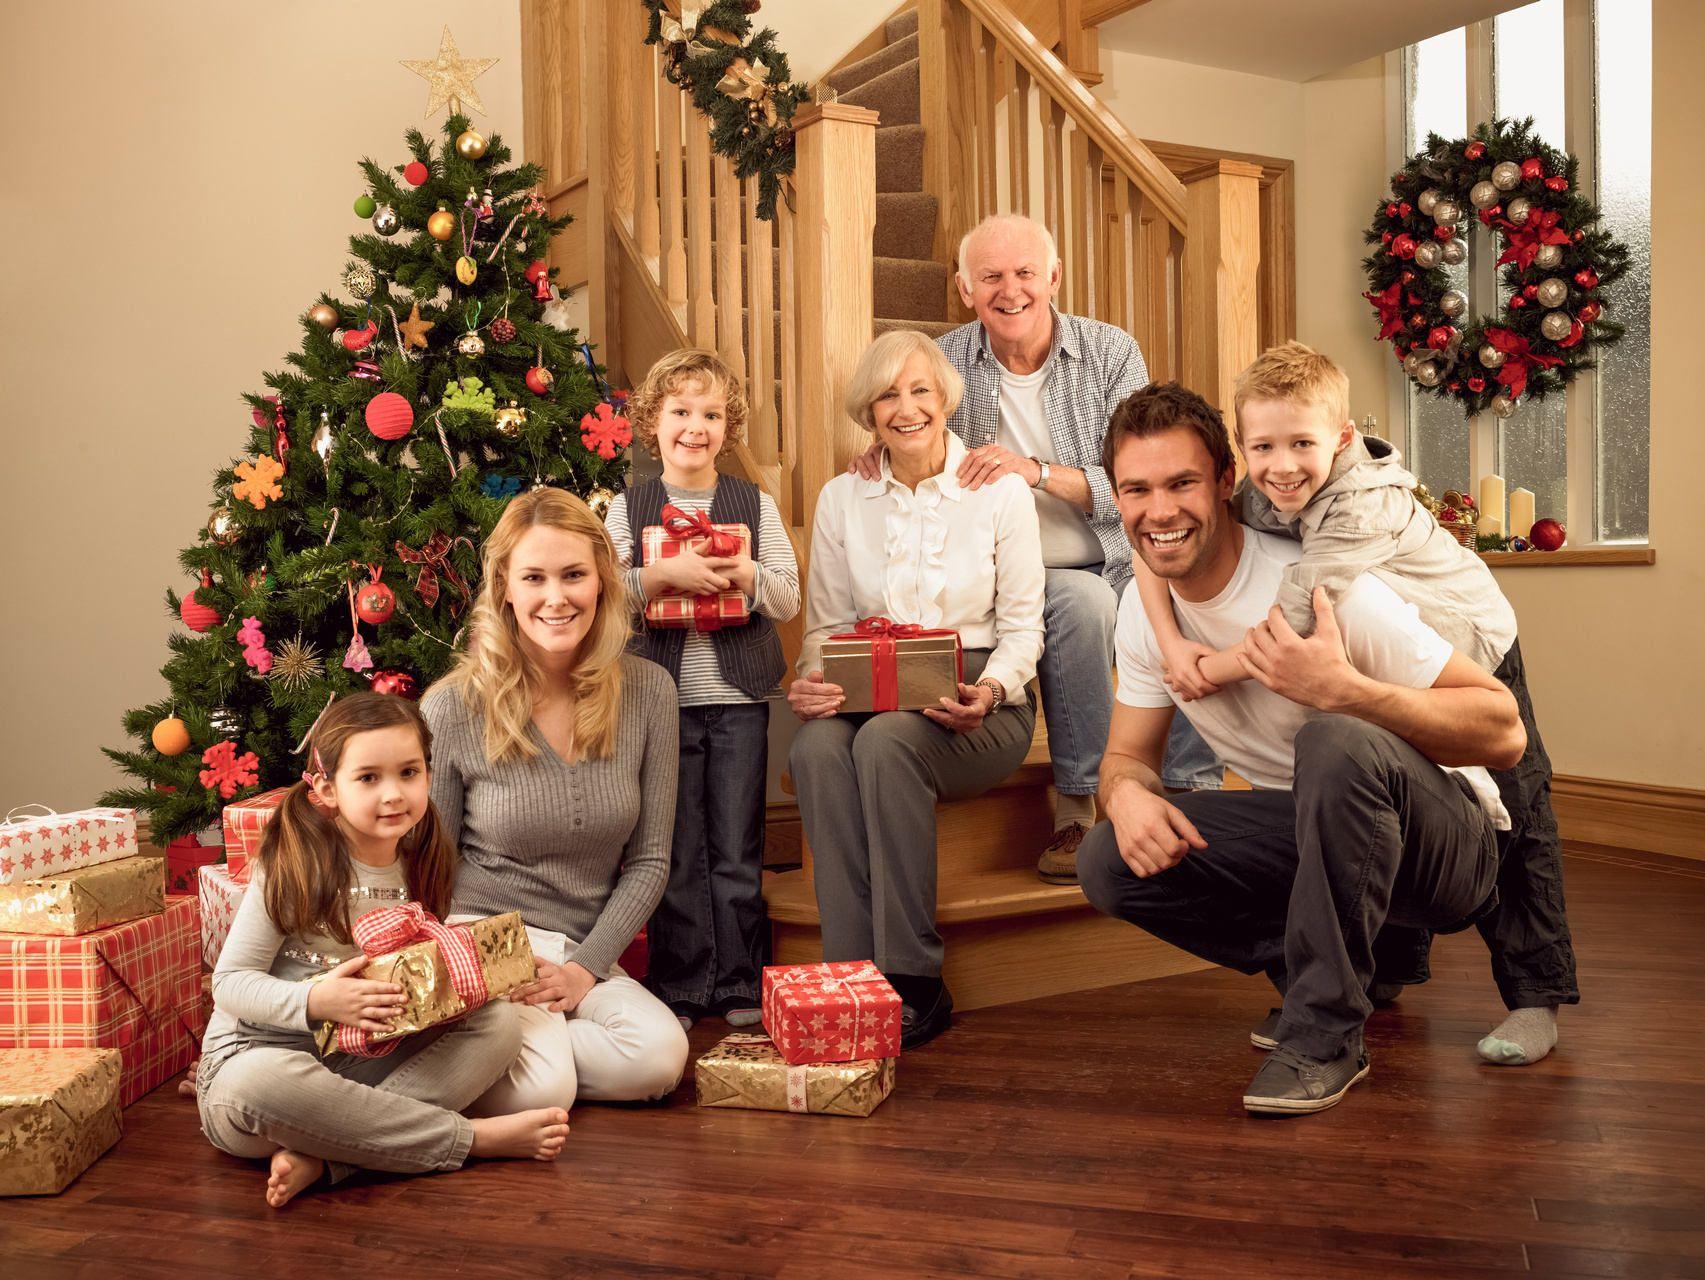 семейный праздник картинки большой семьи новинки для